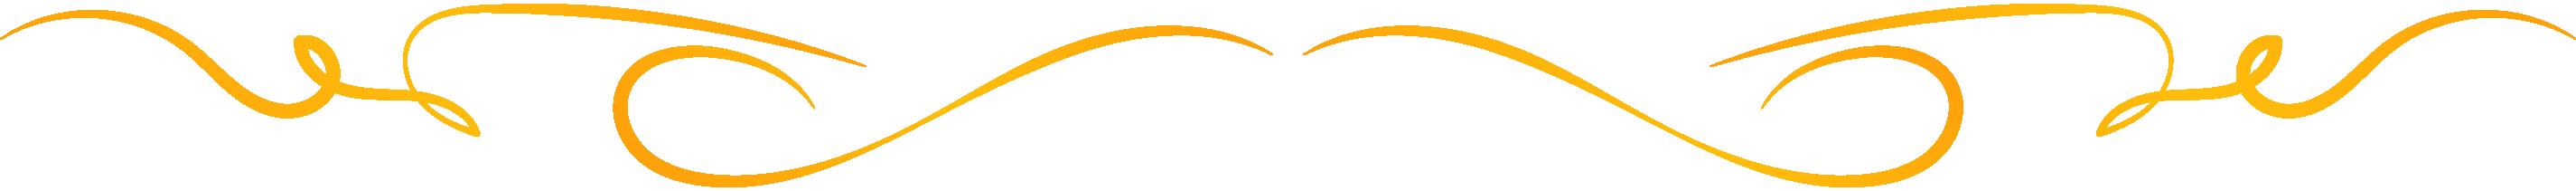 Scrolling lines divider